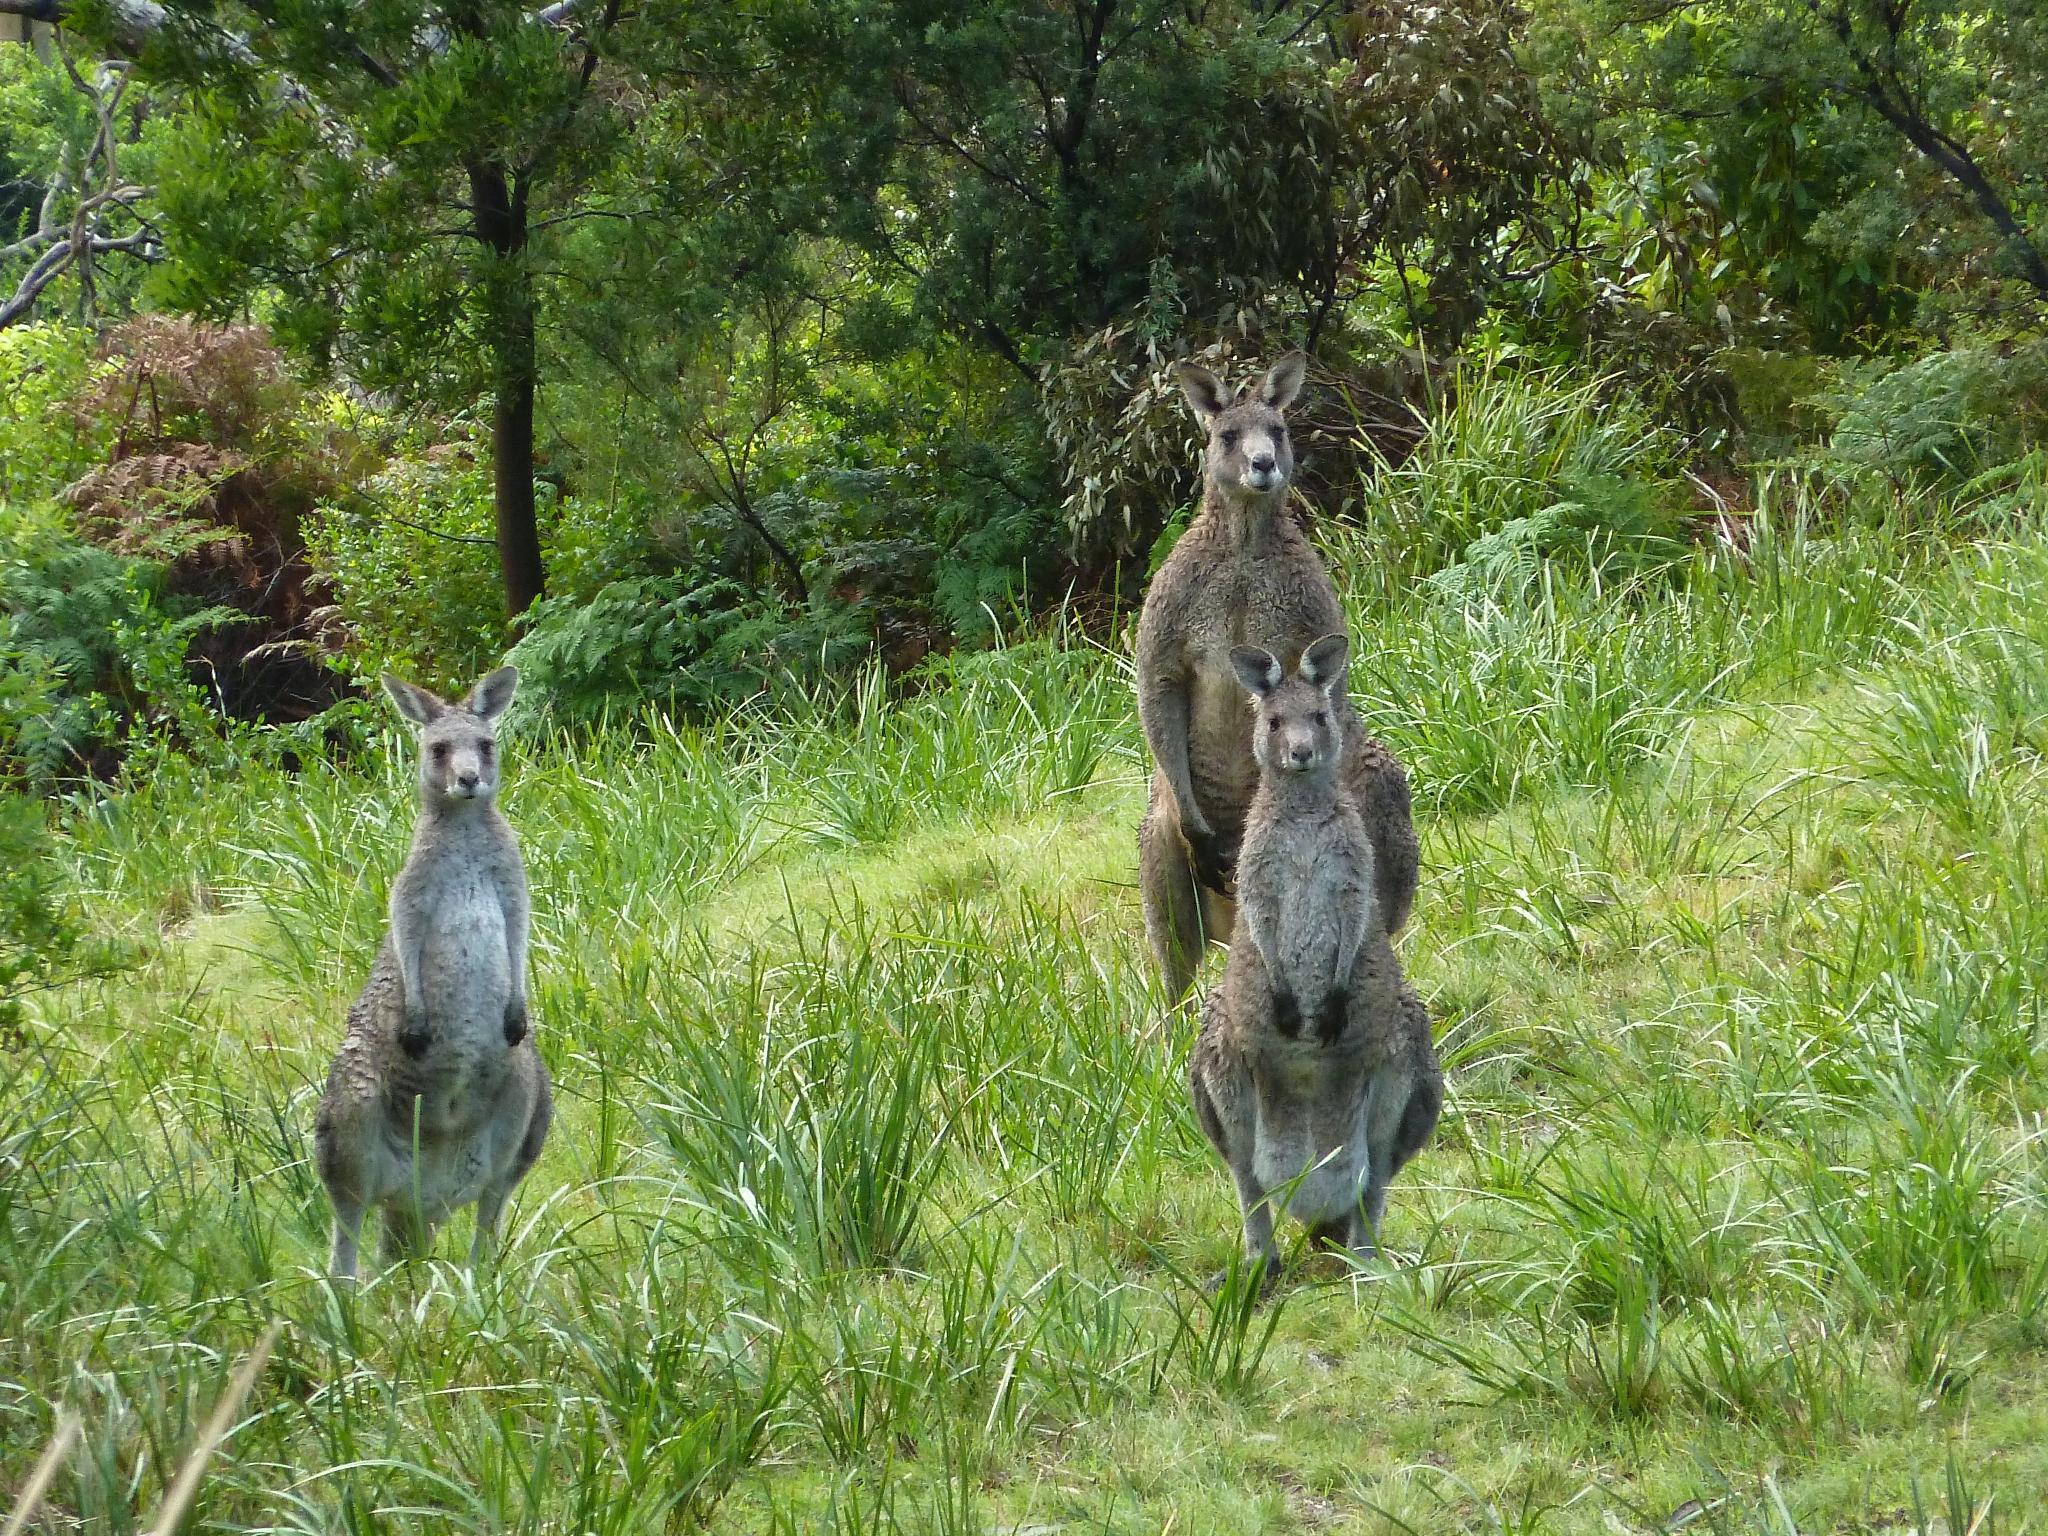 【澳洲】Great Ocean Road 壯闊絕美的南澳大洋路 9